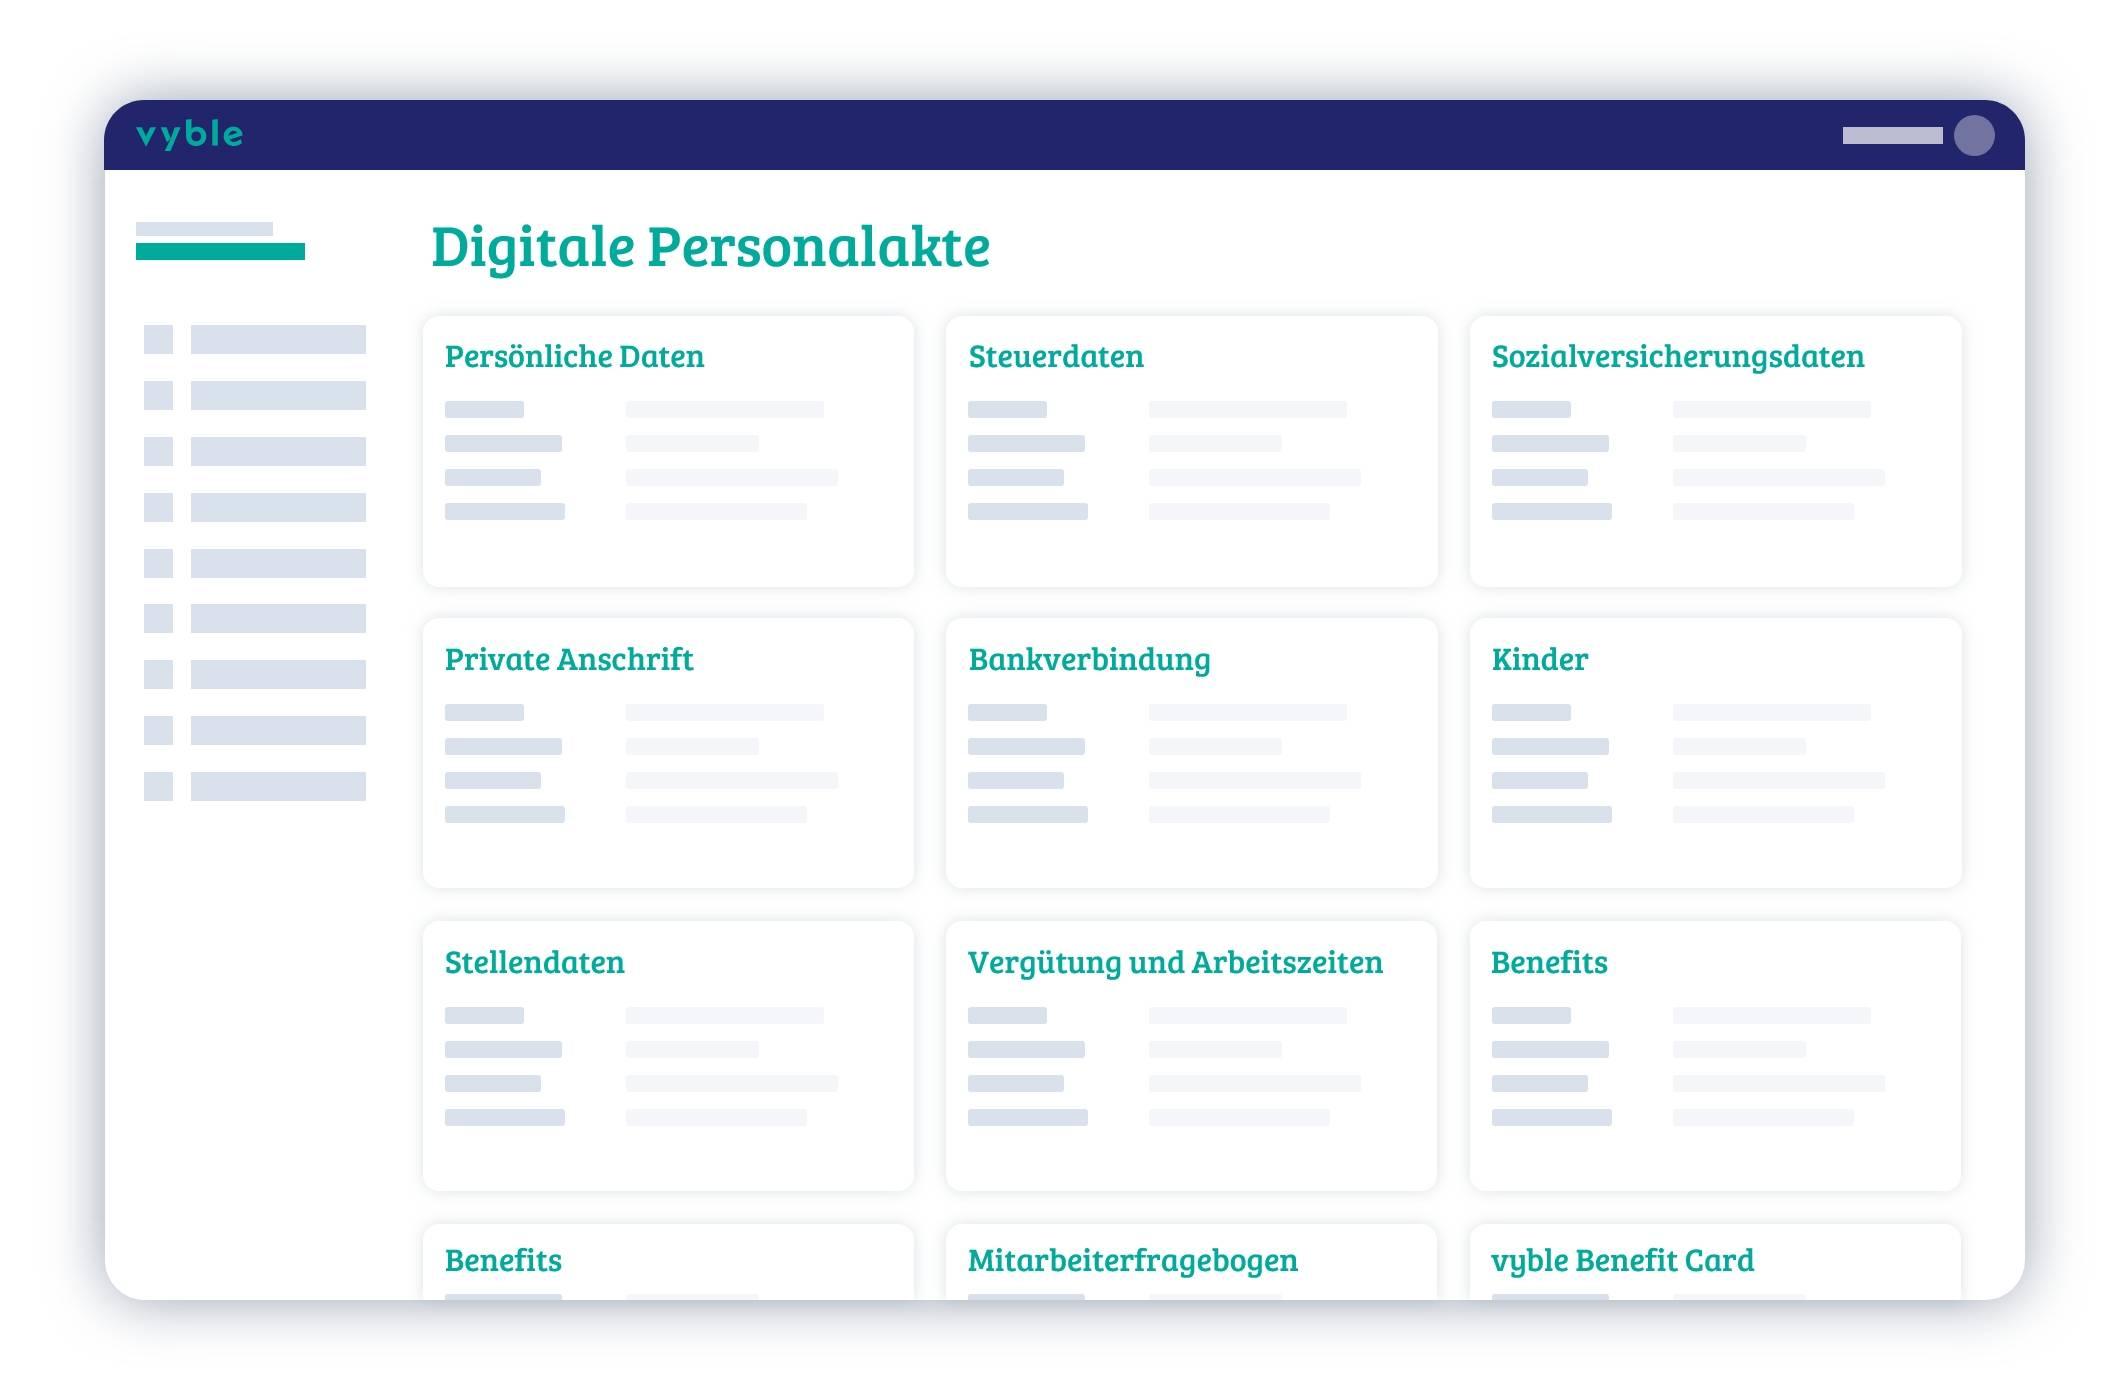 Das persönliche Profil eines Mitarbeiters - Die digitale Personalakte